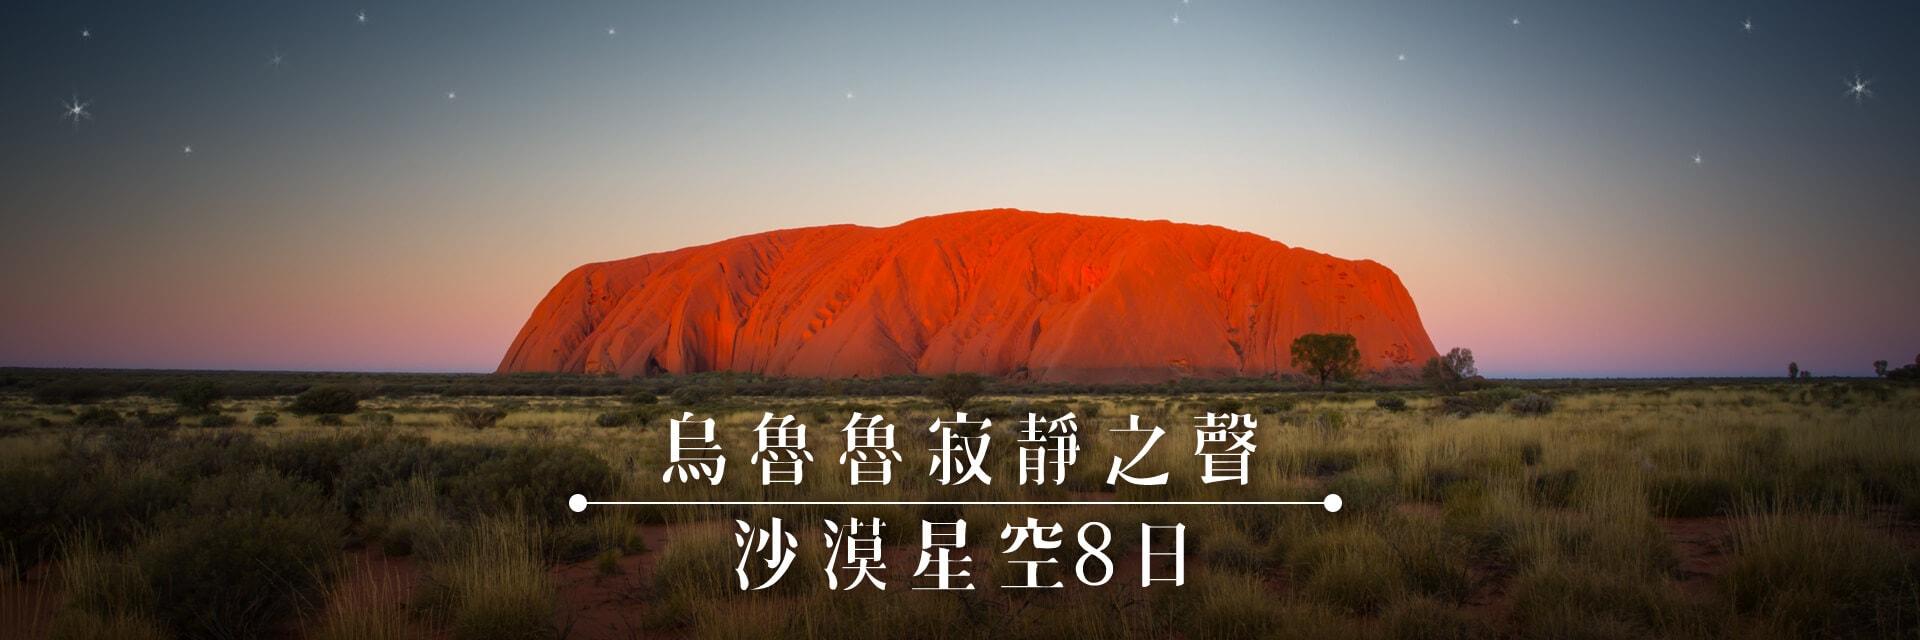 烏魯魯,澳洲旅遊